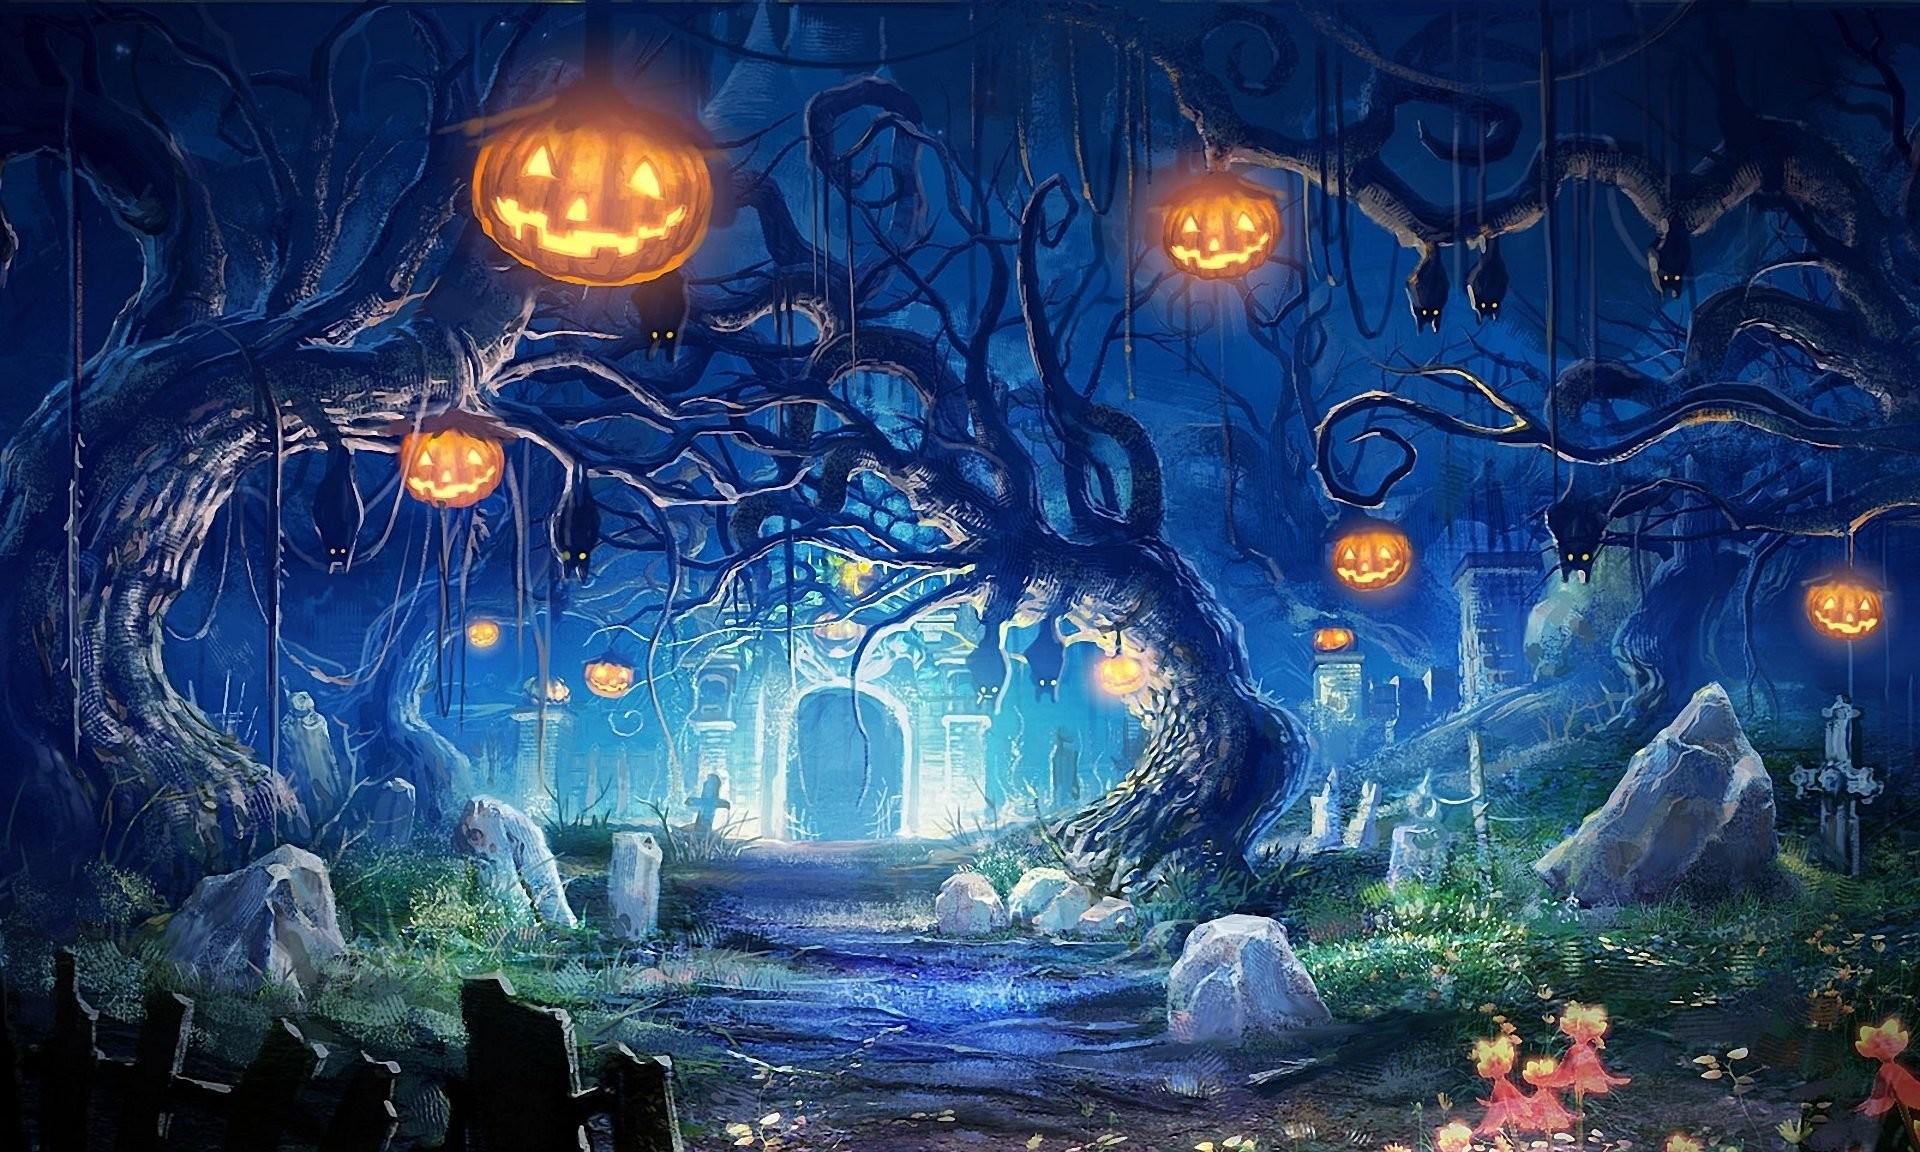 HD Halloween Desktop Backgrounds 77 images 1920x1152